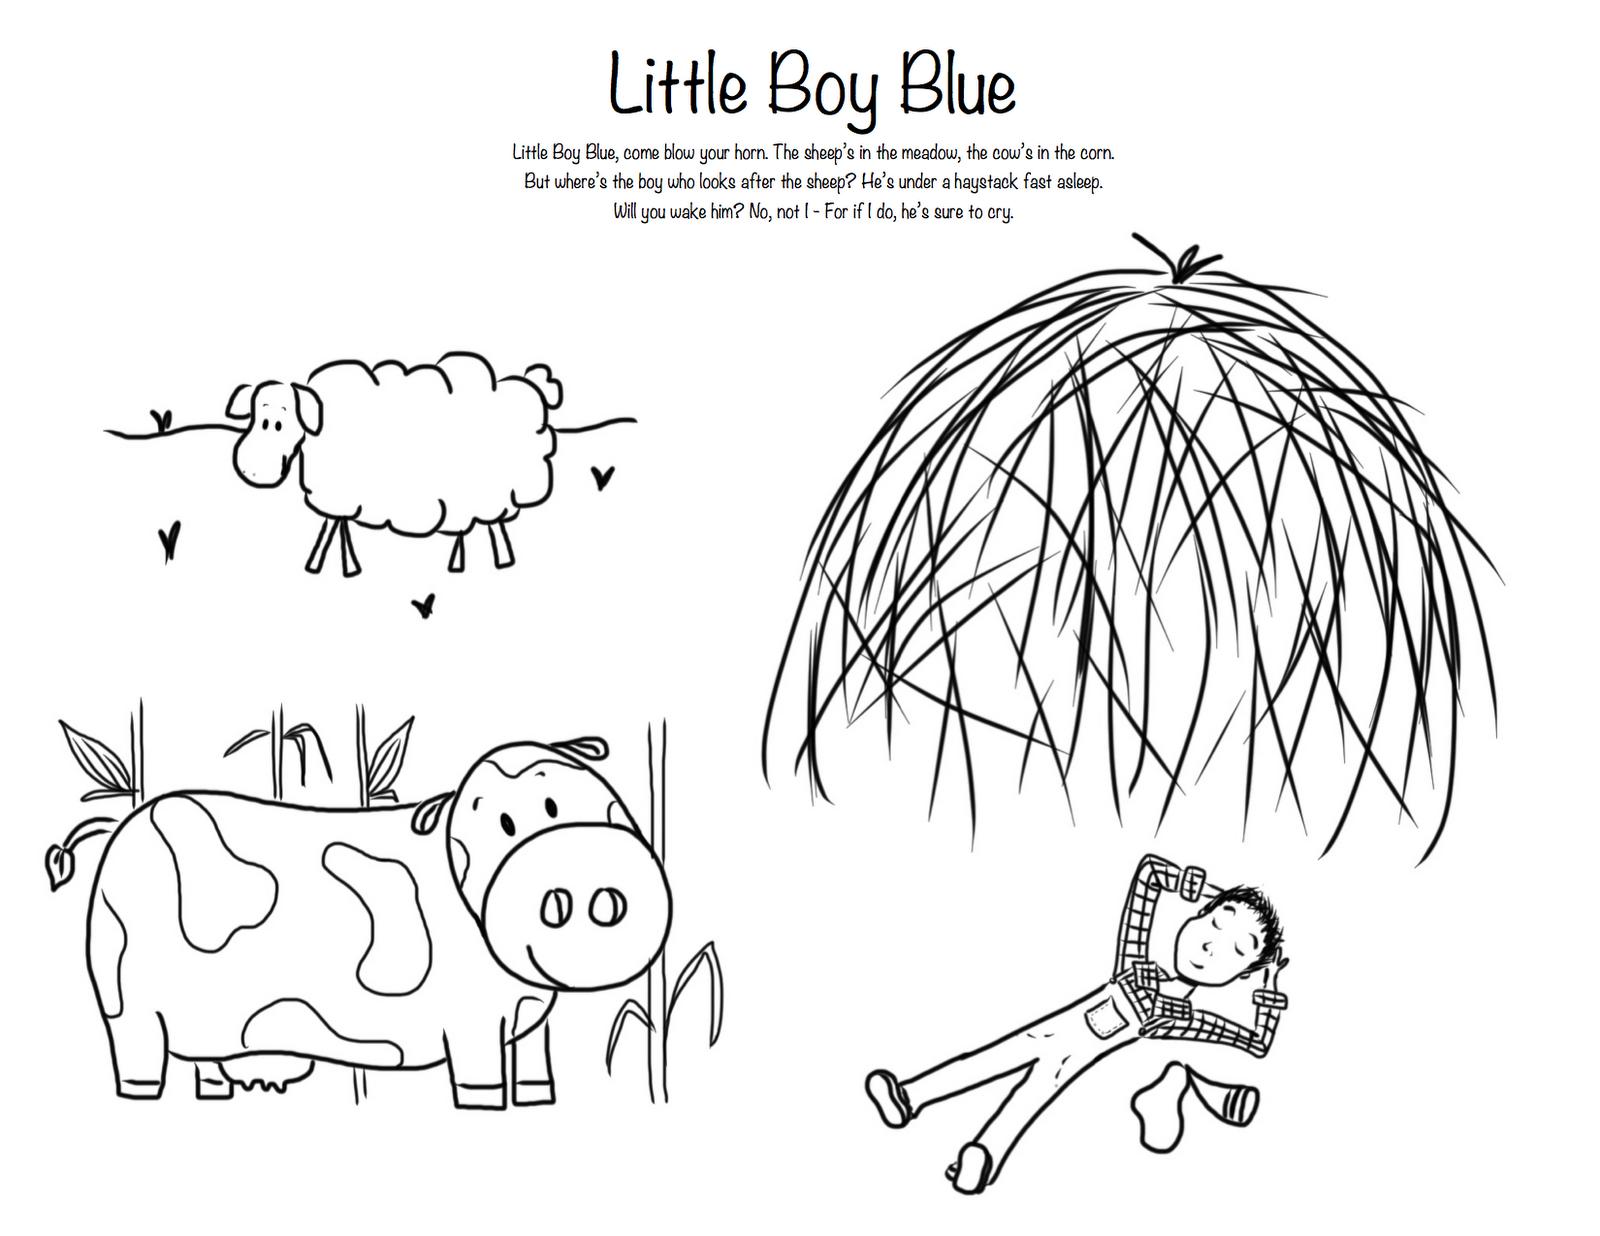 little boy blue coloring page - little boy blue